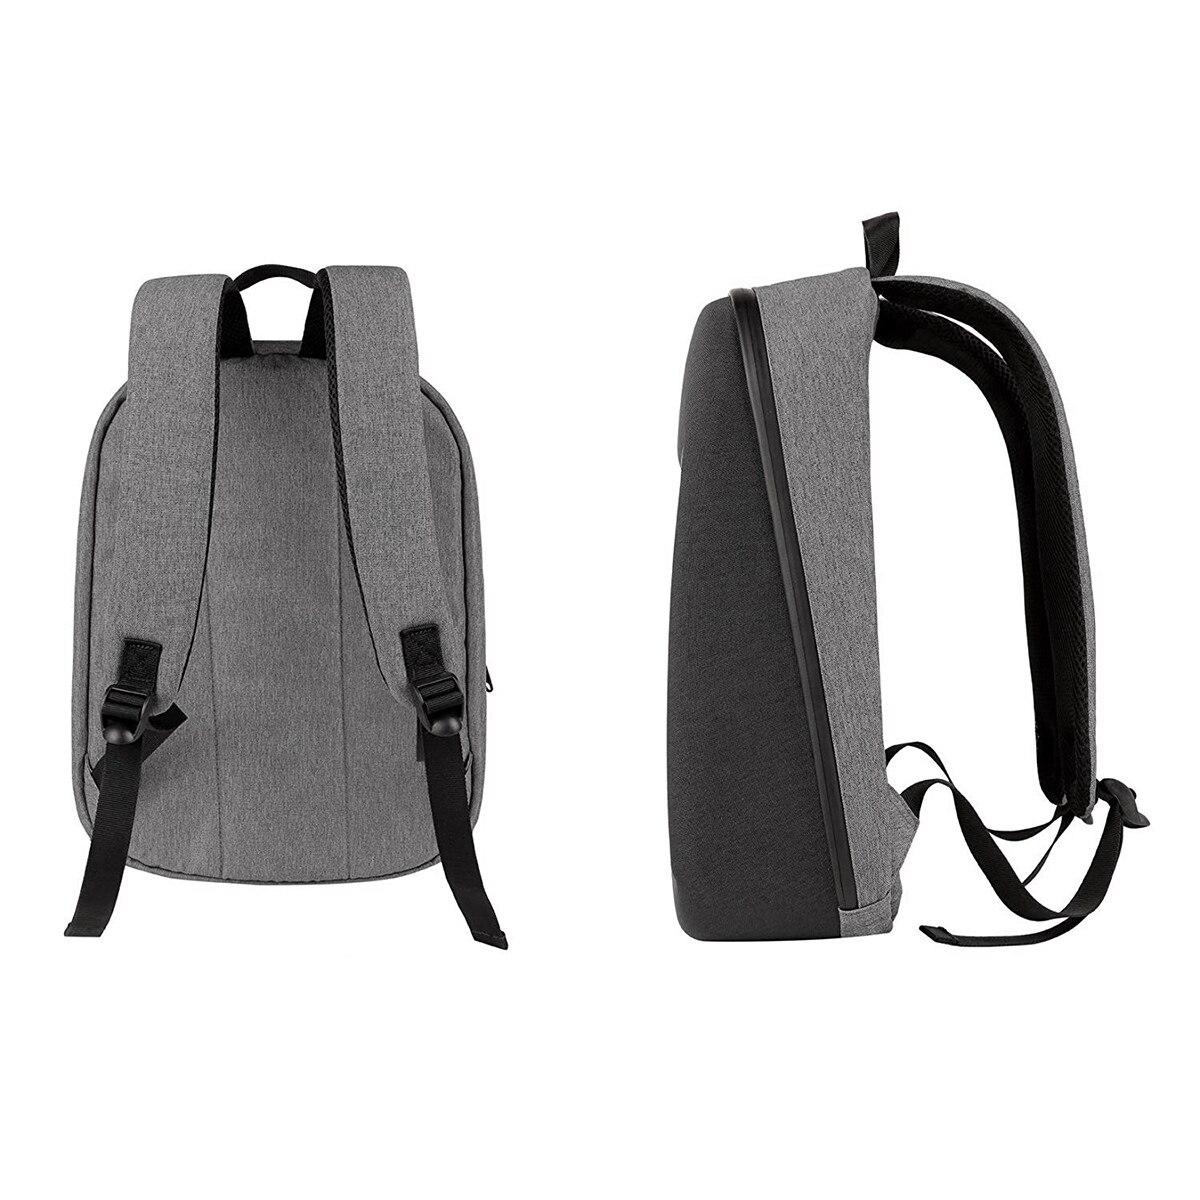 Schwarz Anpassbare Innovative Laptop Geschenk roman Schule Smart Black Tasche Coole Led Beau Rucksack Weihnachten wpqXgZxwY